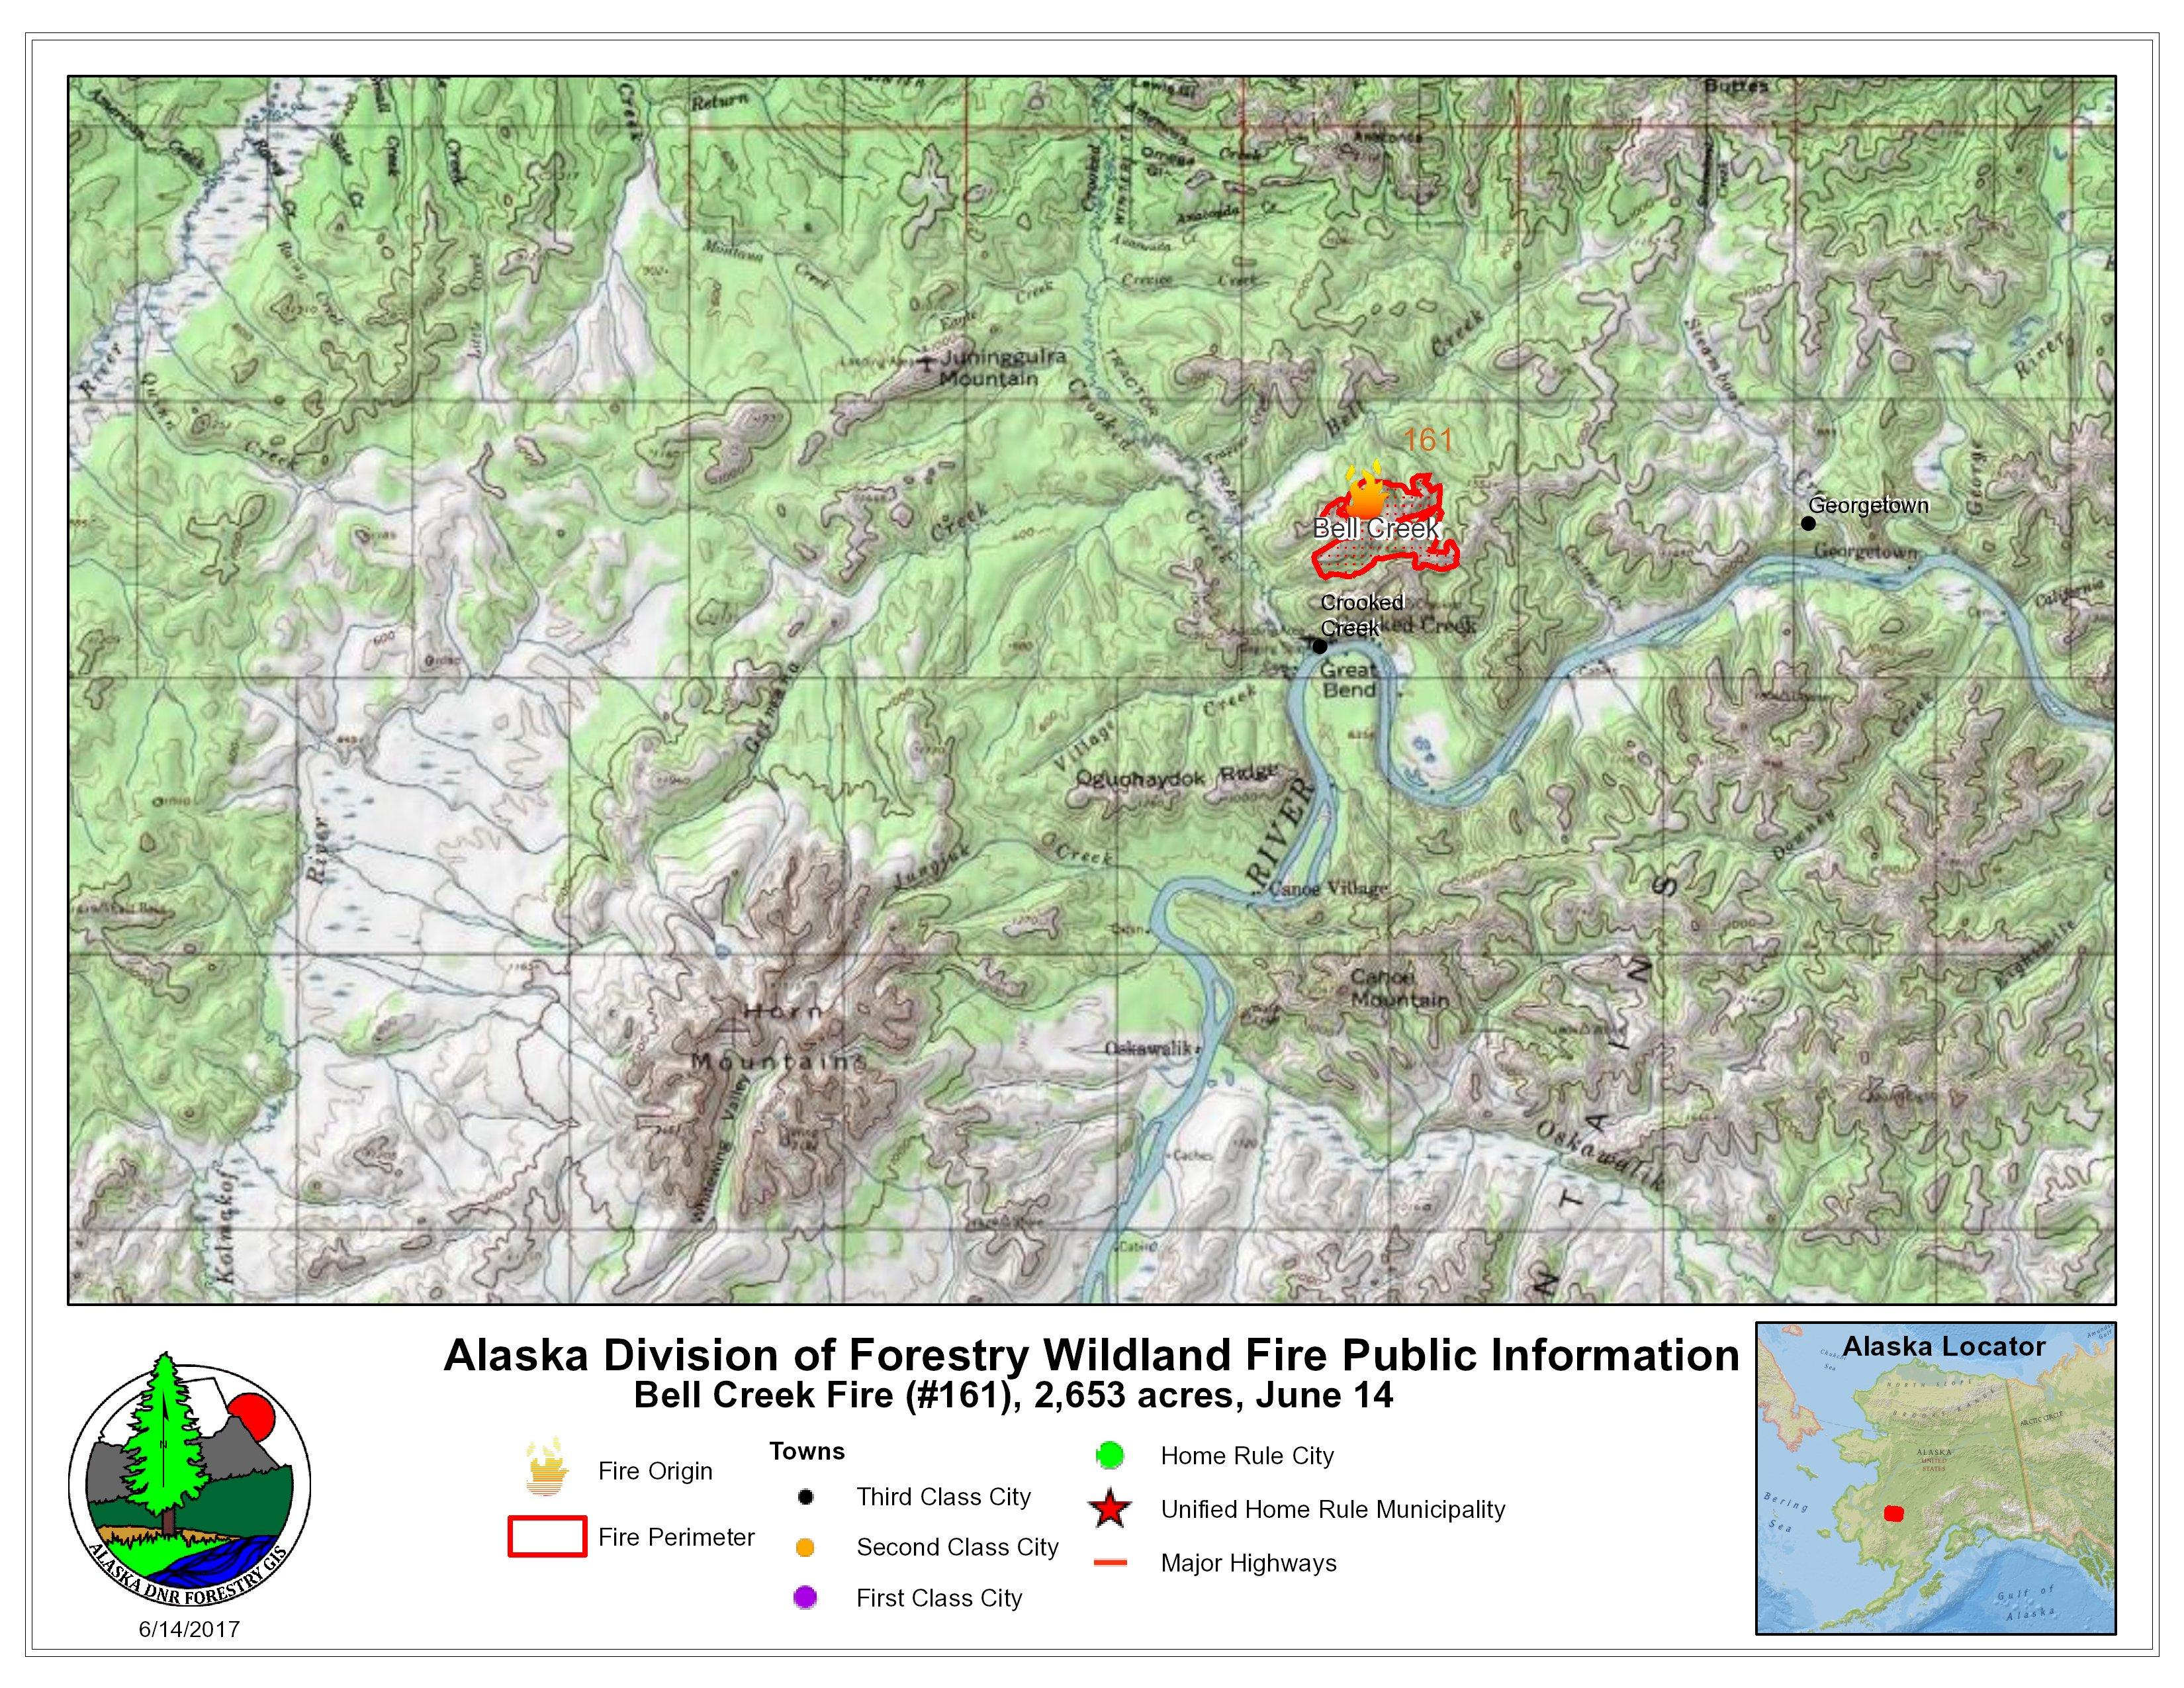 Bell Creek Fire 161 Map June 14 Ak Fire Info